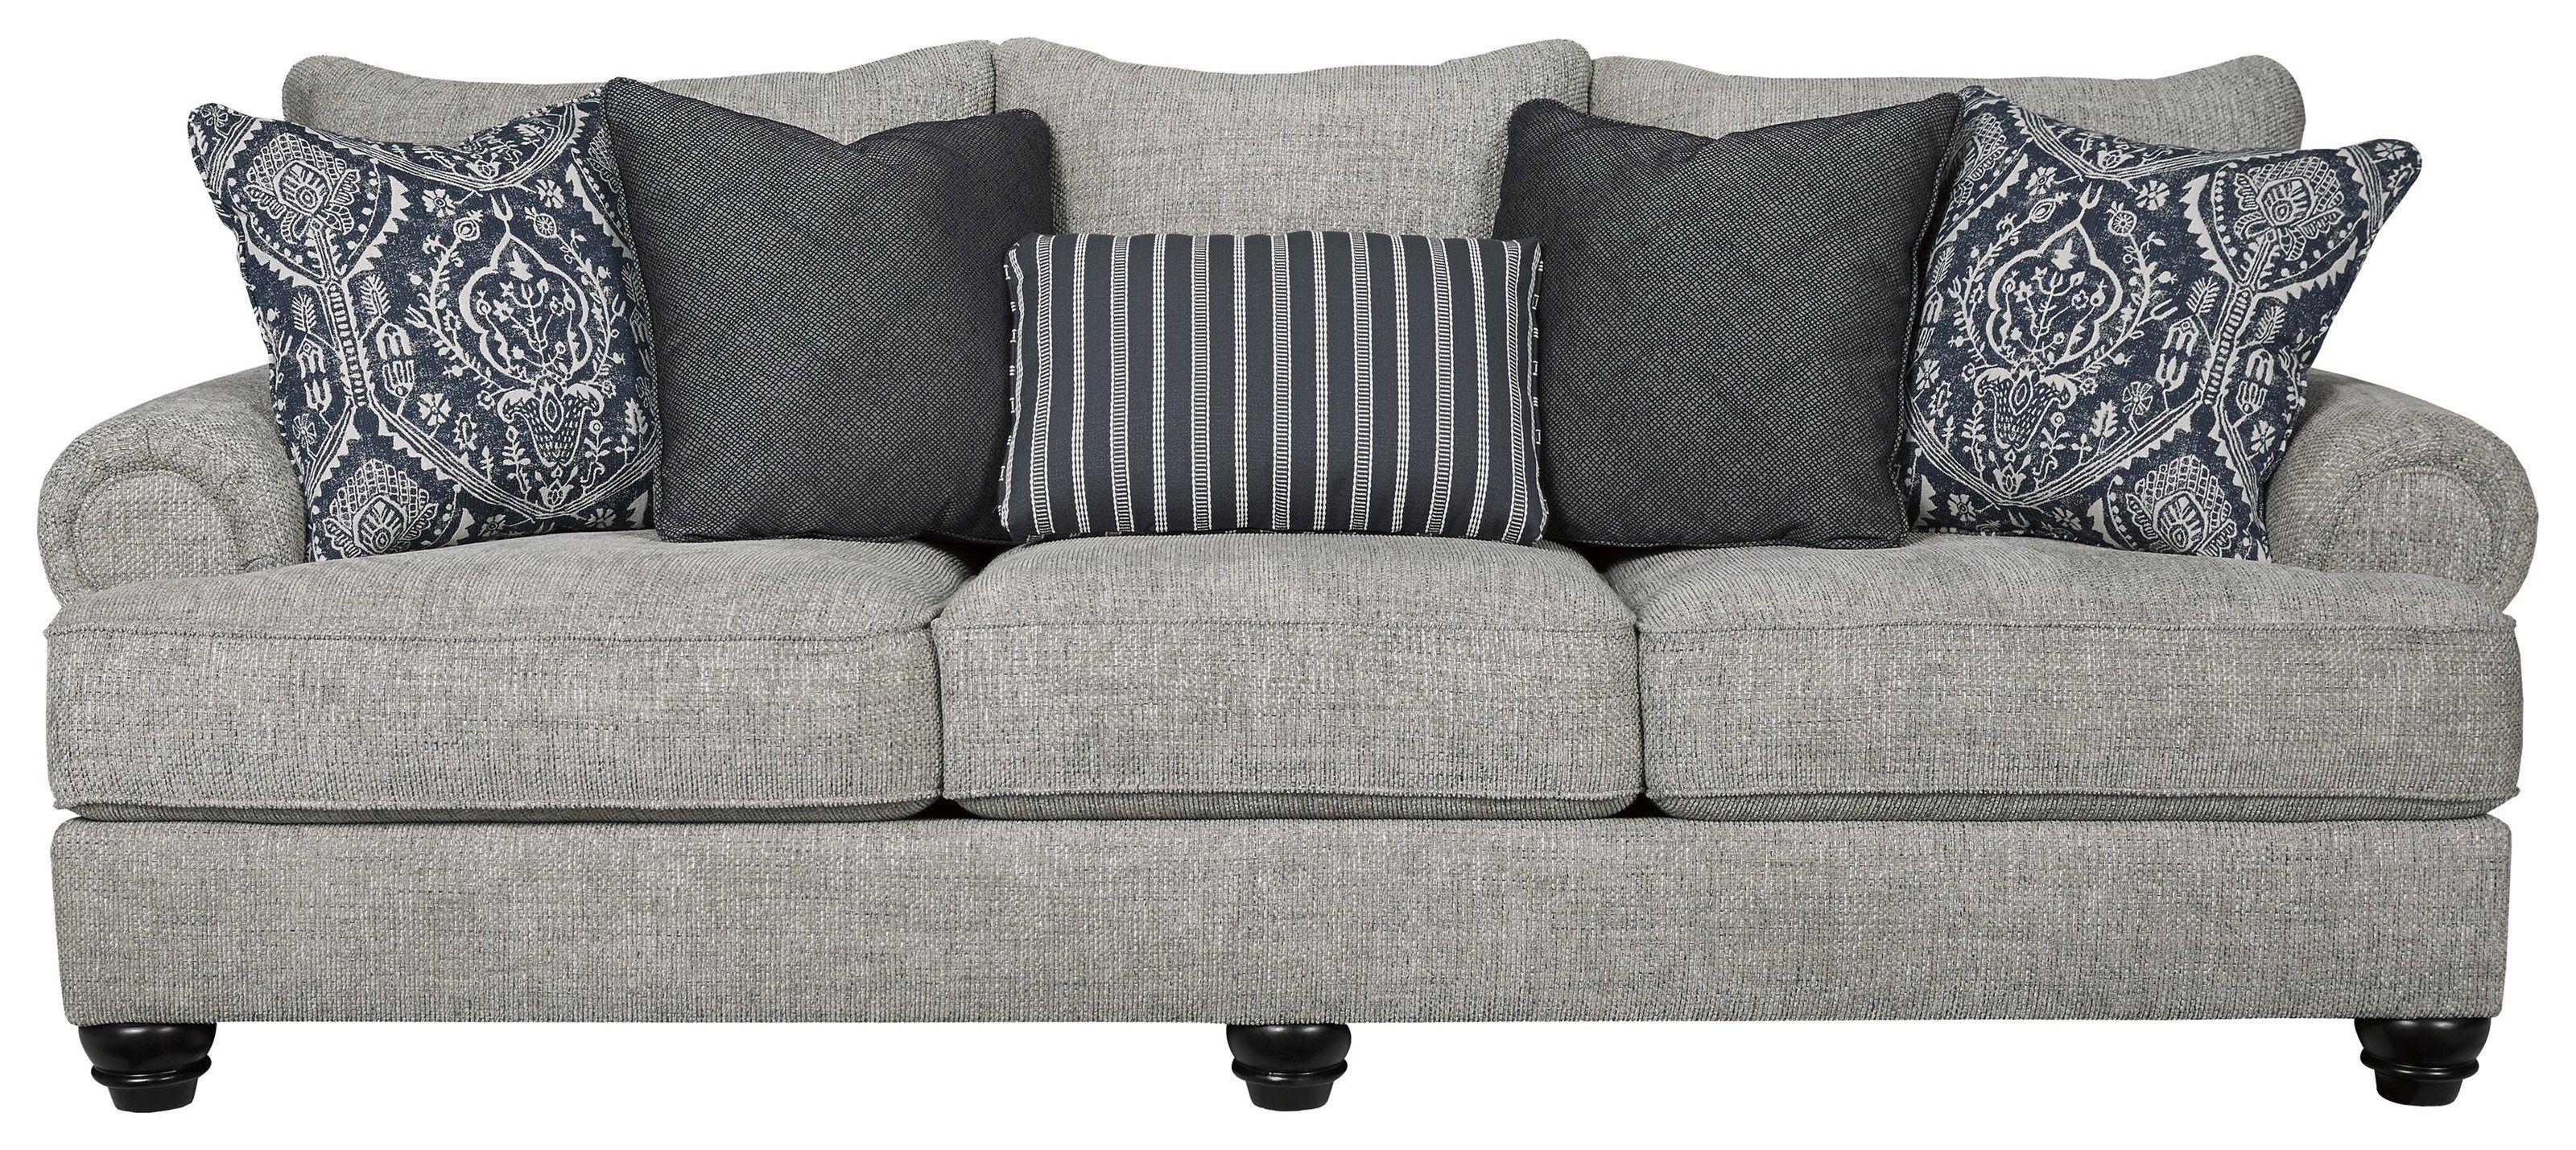 Morren Dusk Sofa by Ashley Furniture in 2020 | Ashley